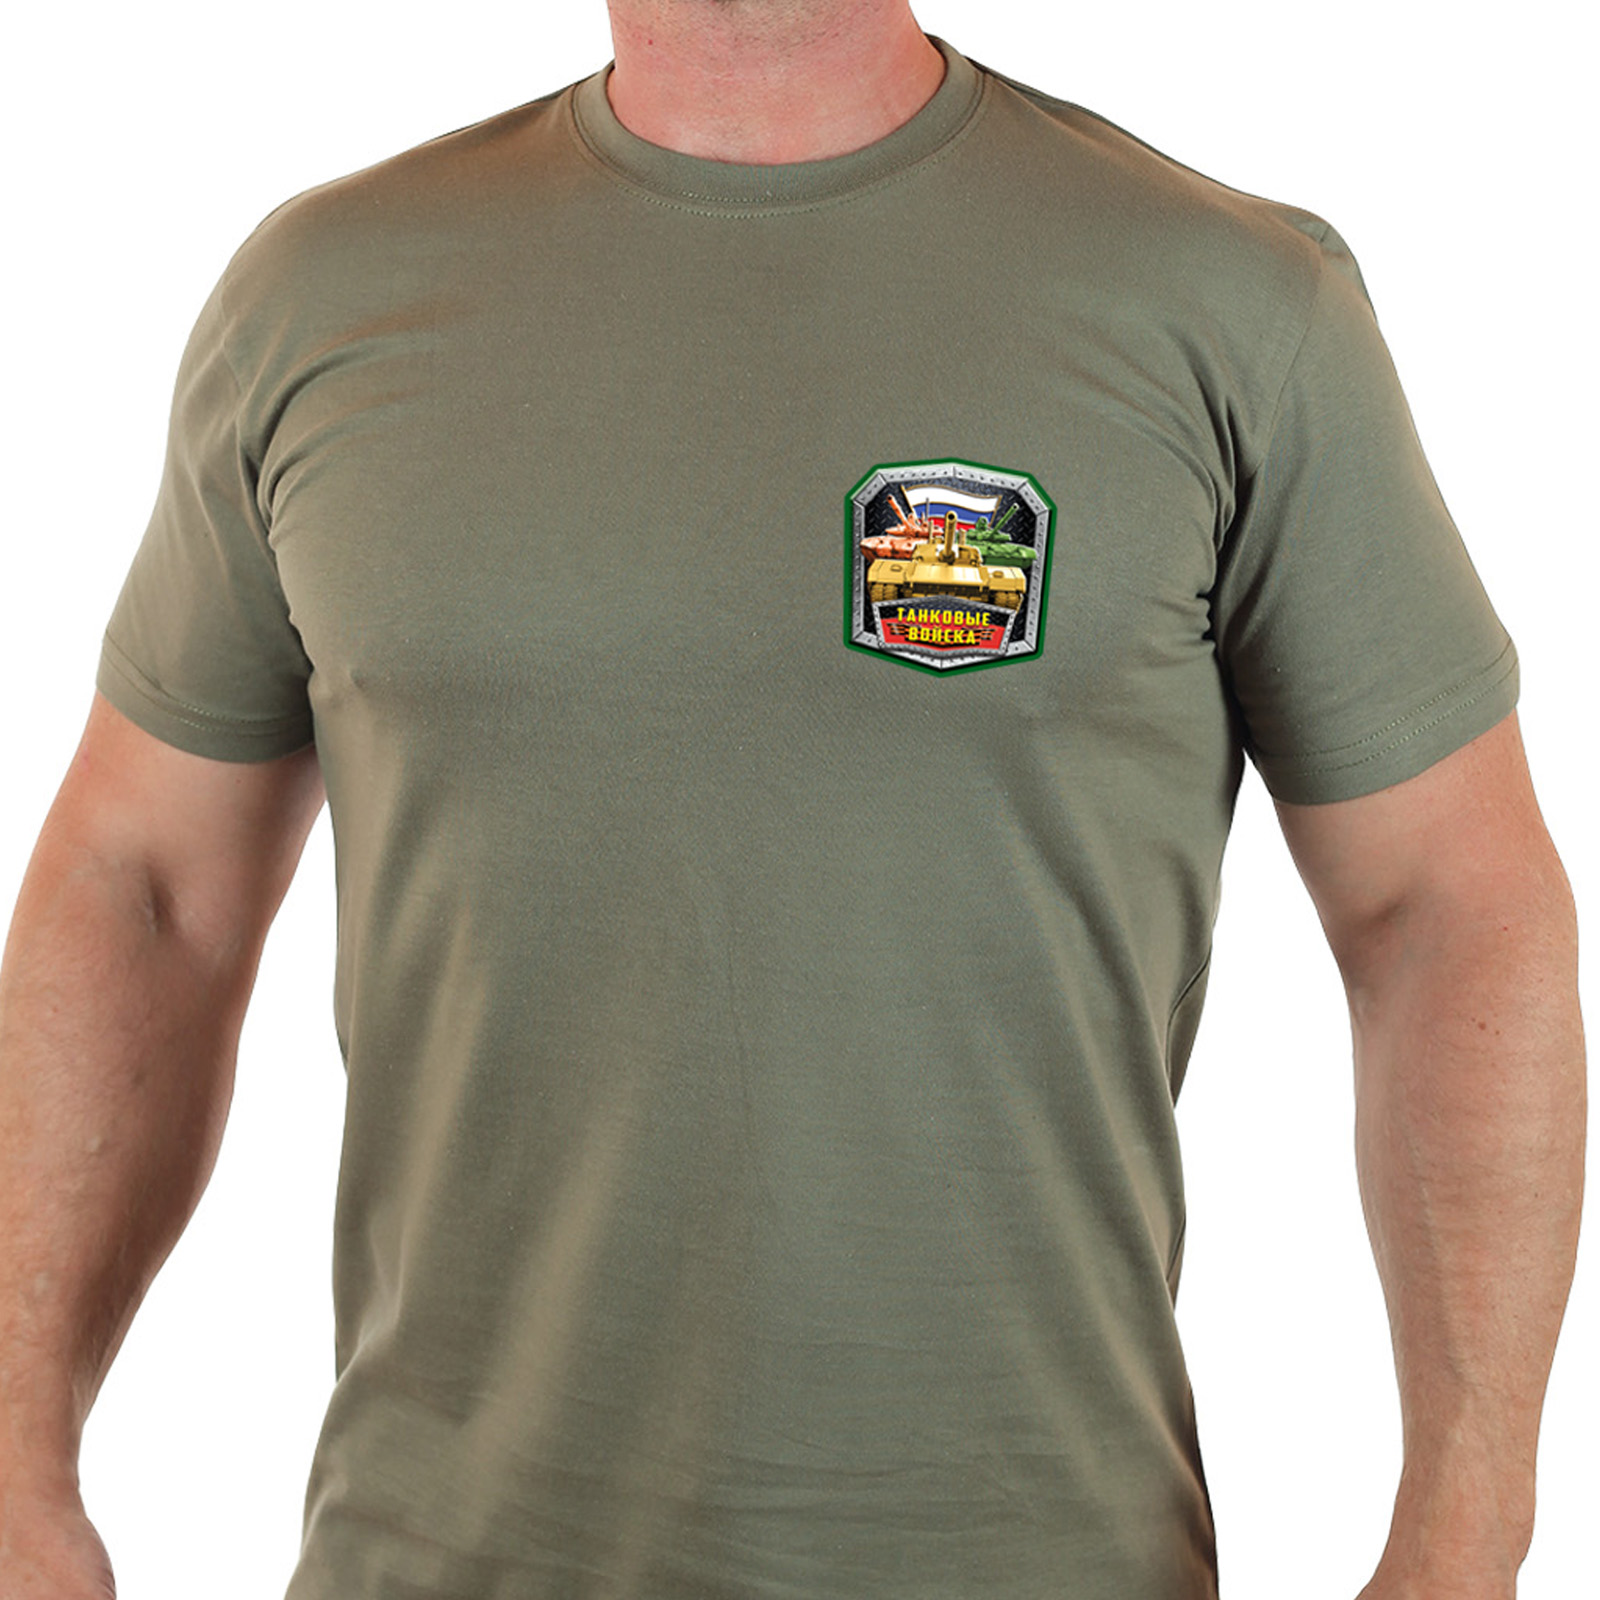 Стильная мужская футболка в танковом дизайне.